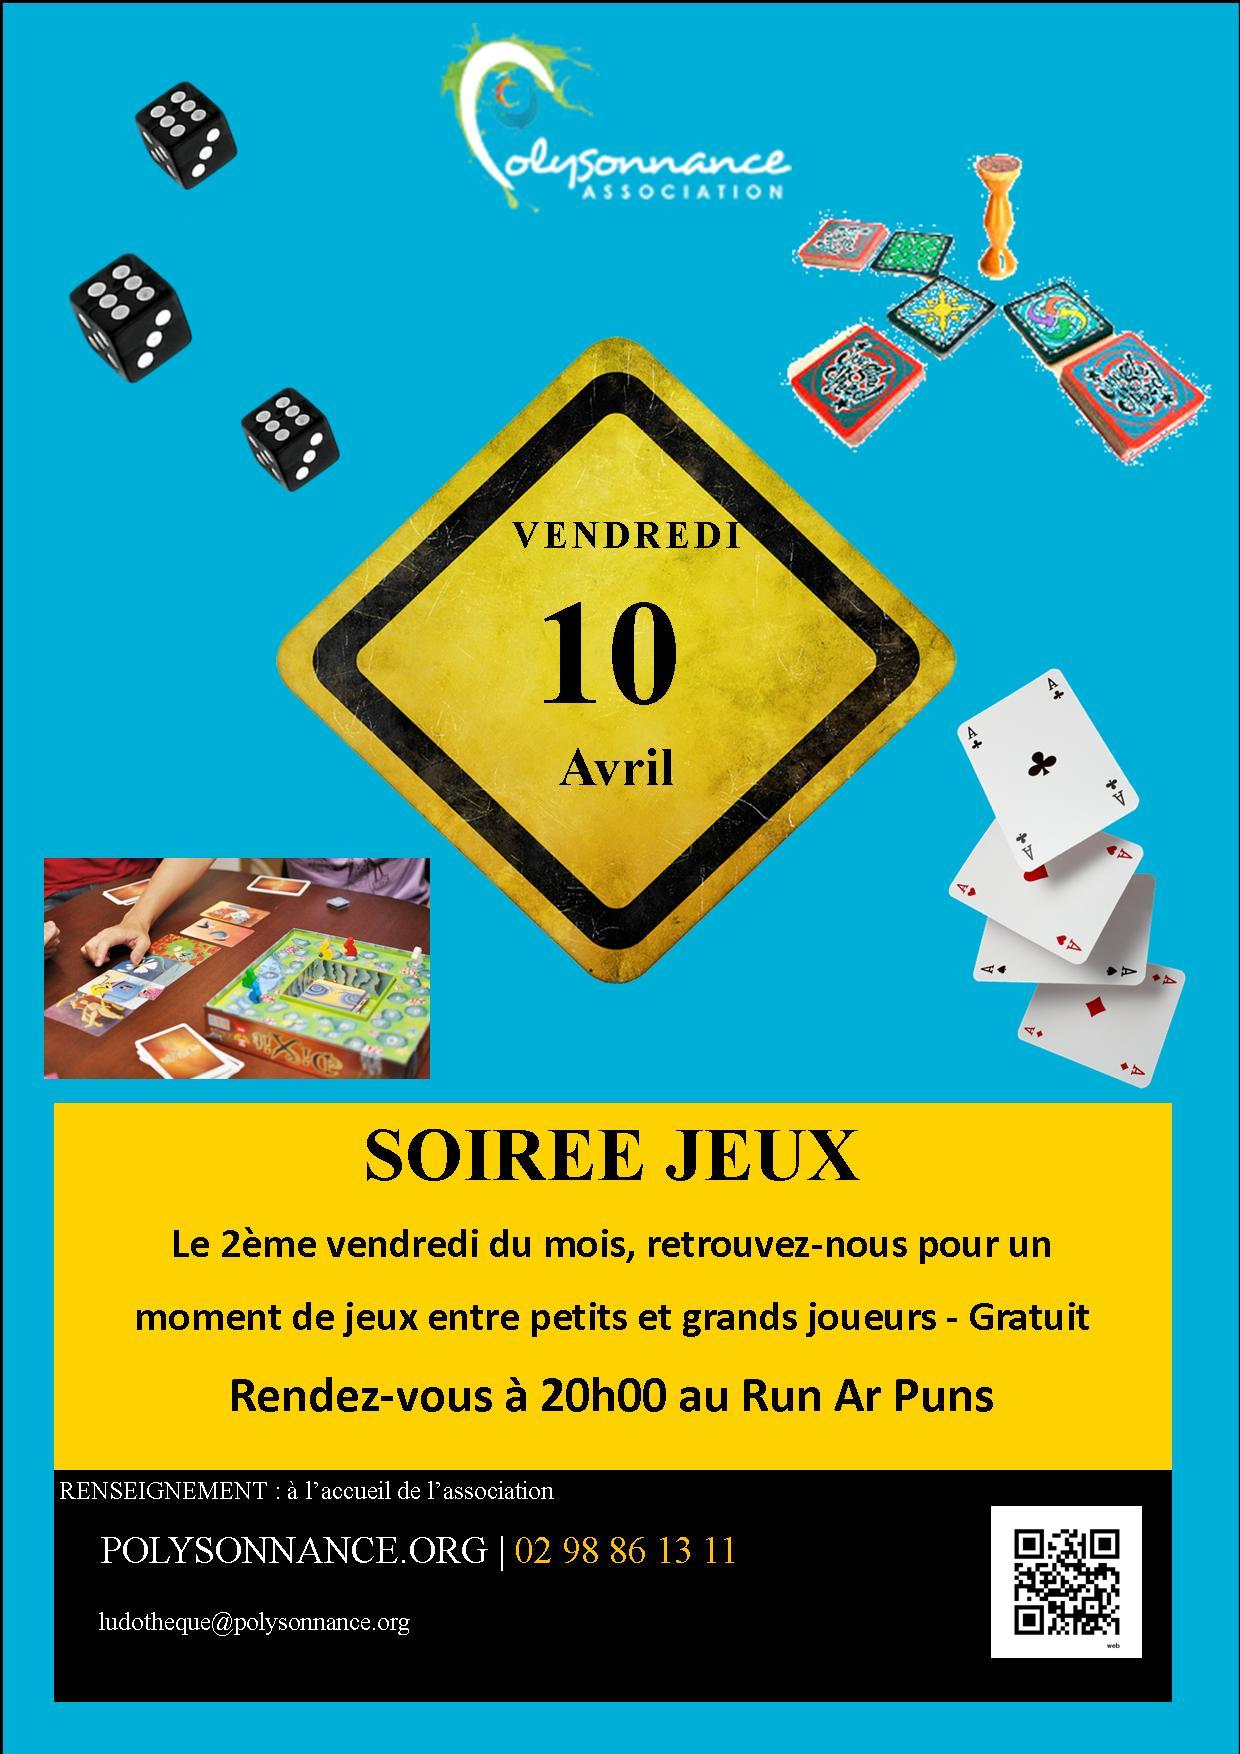 SOIREE JEUX AU RUN AR PUNS : VENDREDI 10 AVRIL 2015  20H